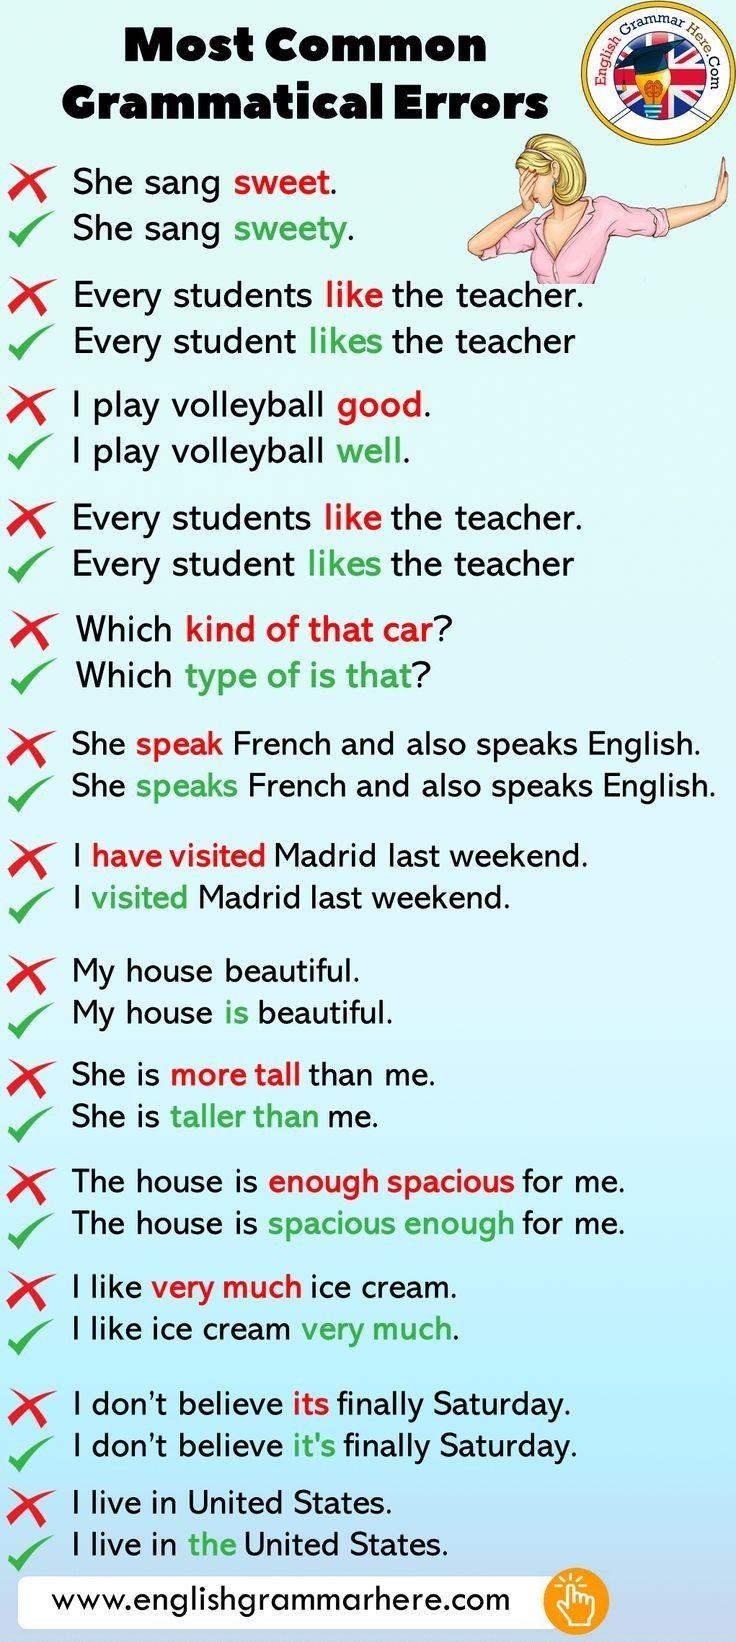 Grammar Bahasa Inggris Tips Mengajar Pelajaran Bahasa Inggris Tata Bahasa Inggris